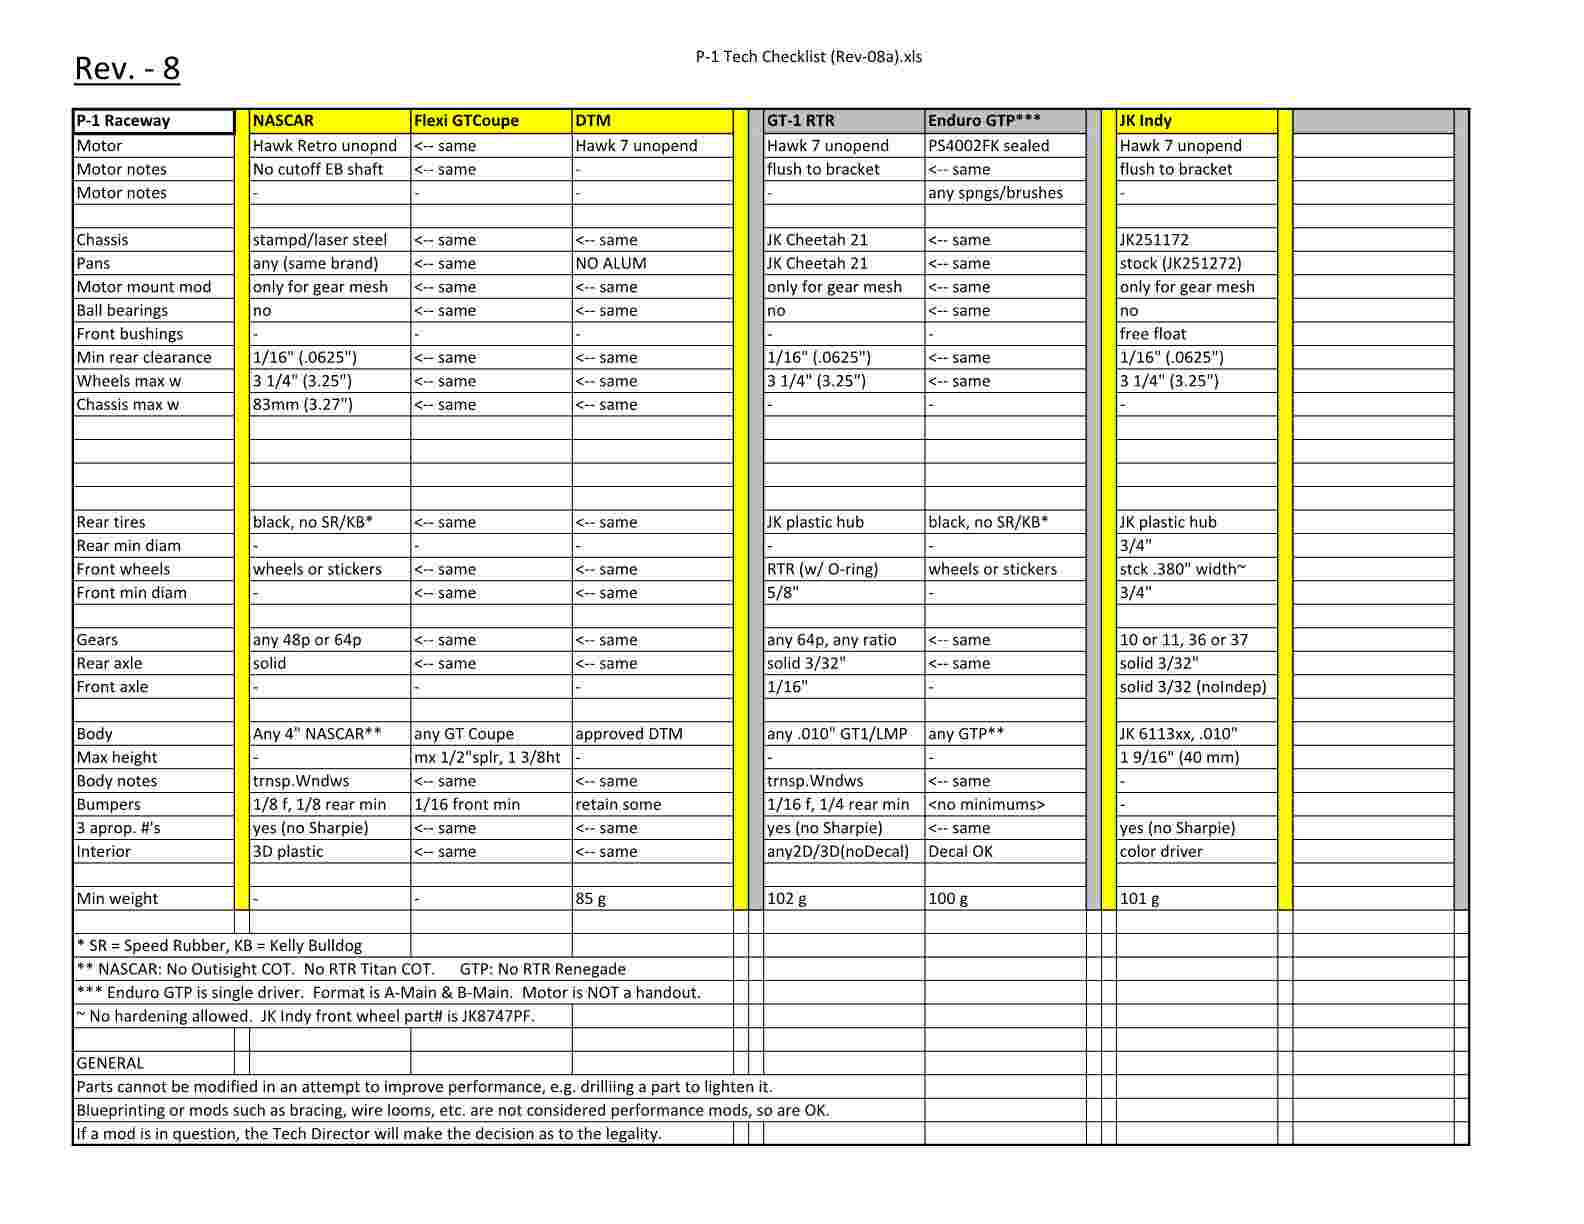 P-1 Tech Checklist (Rev-08a)1.jpg